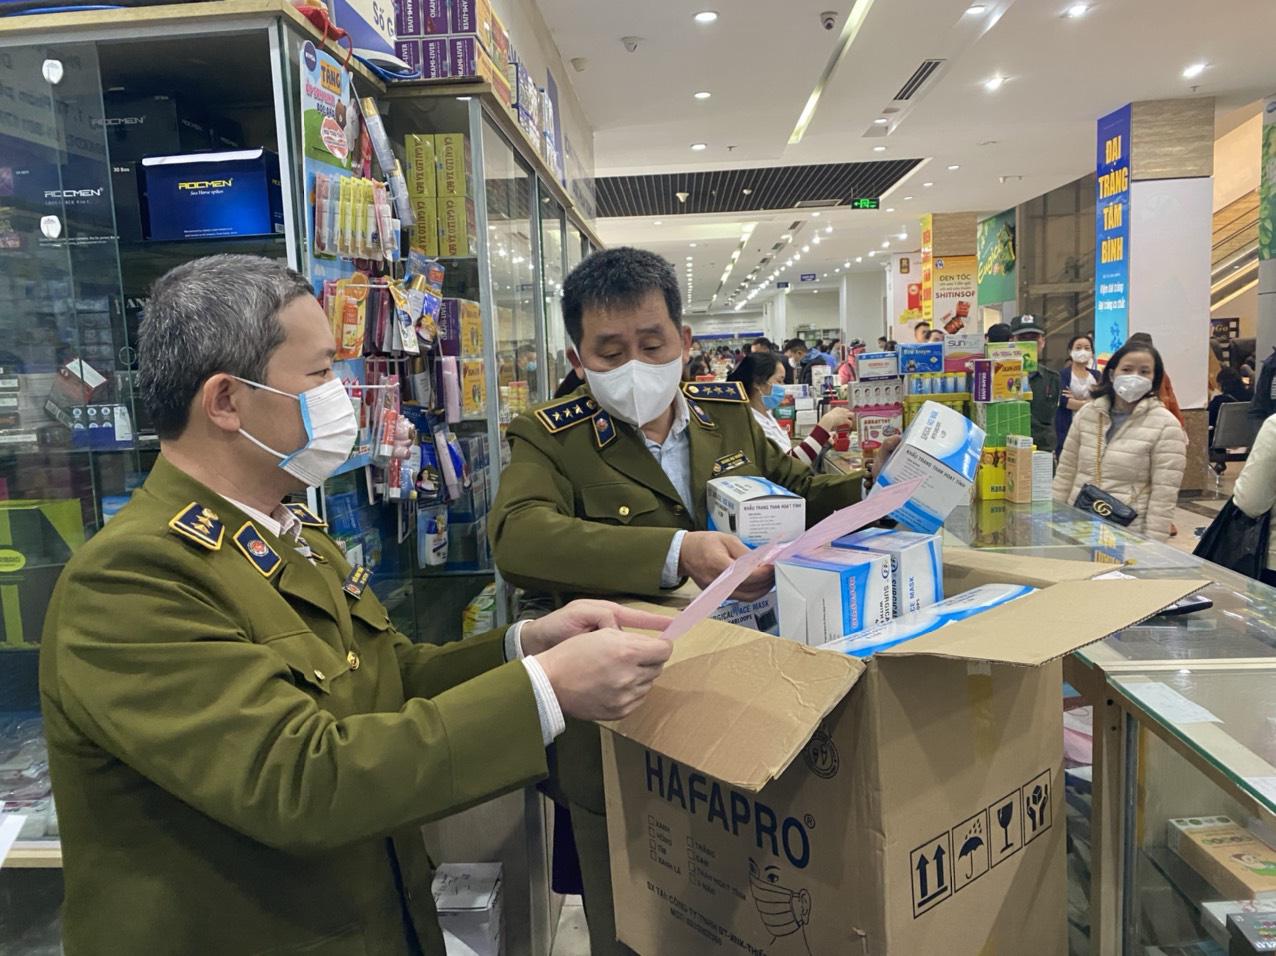 Lập biên bản cửa hàng lợi dụng dịch viêm phổi Vũ Hán hét giá khẩu trang - Ảnh 1.